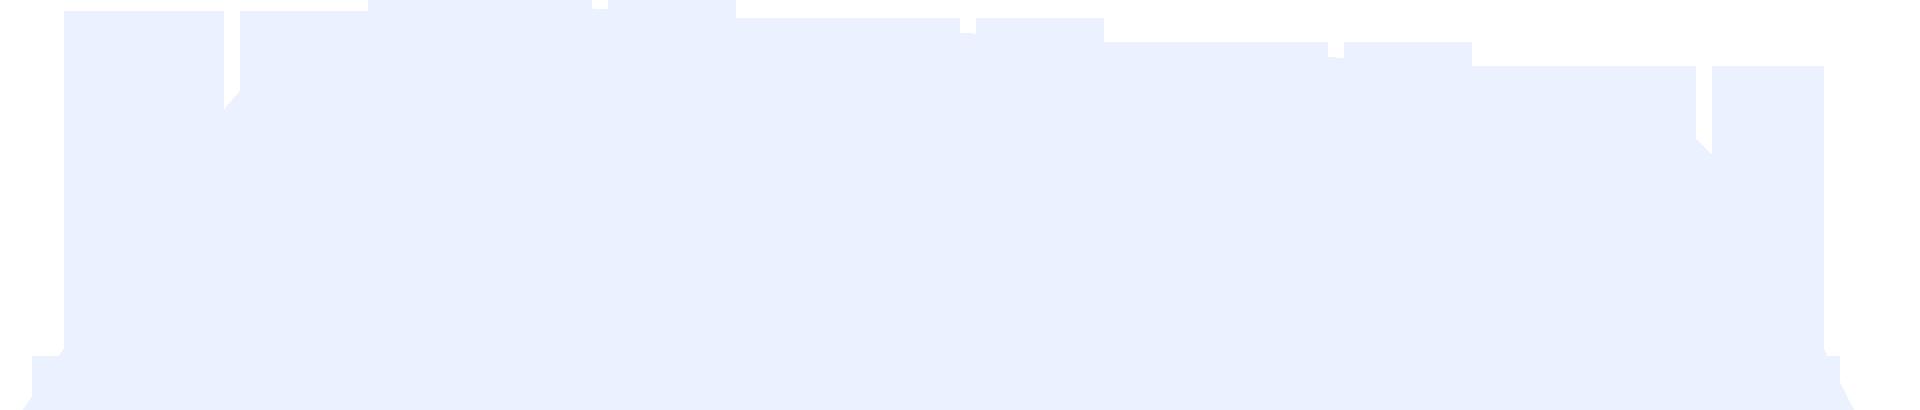 h13-bg-img-1